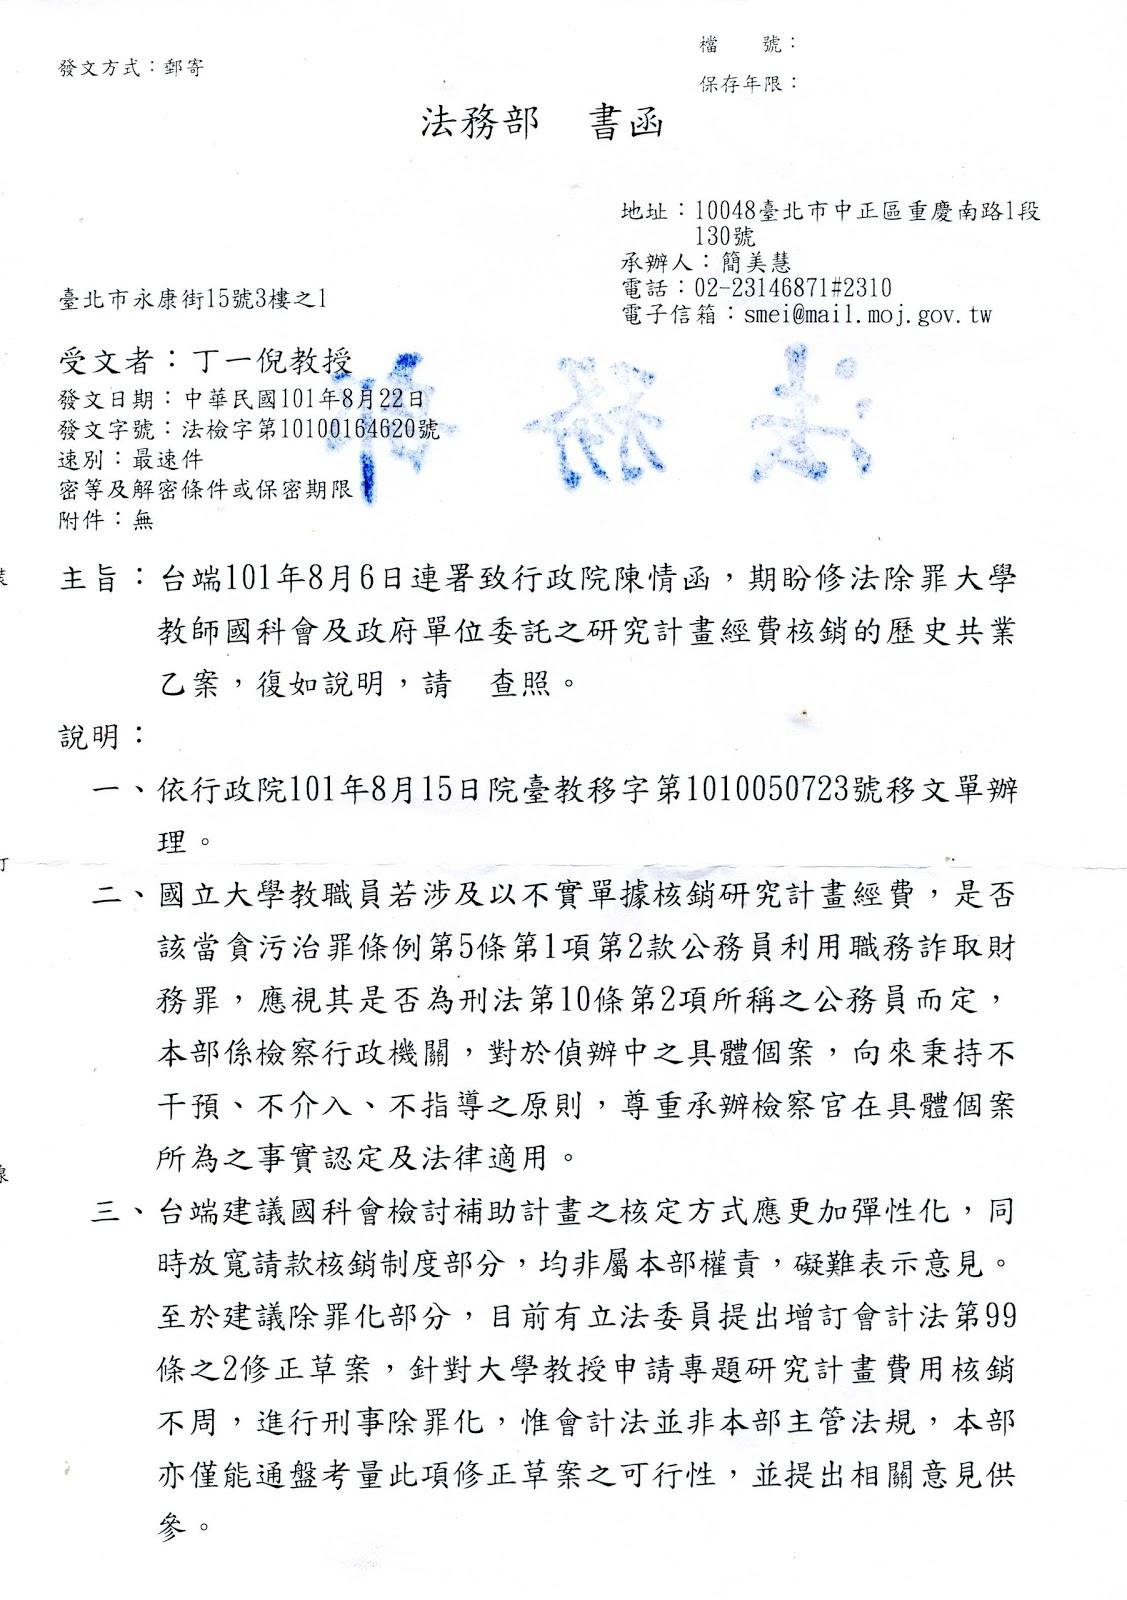 臺北市大專教師職業工會: 研究計畫經費核銷除罪連署案 法務部回函